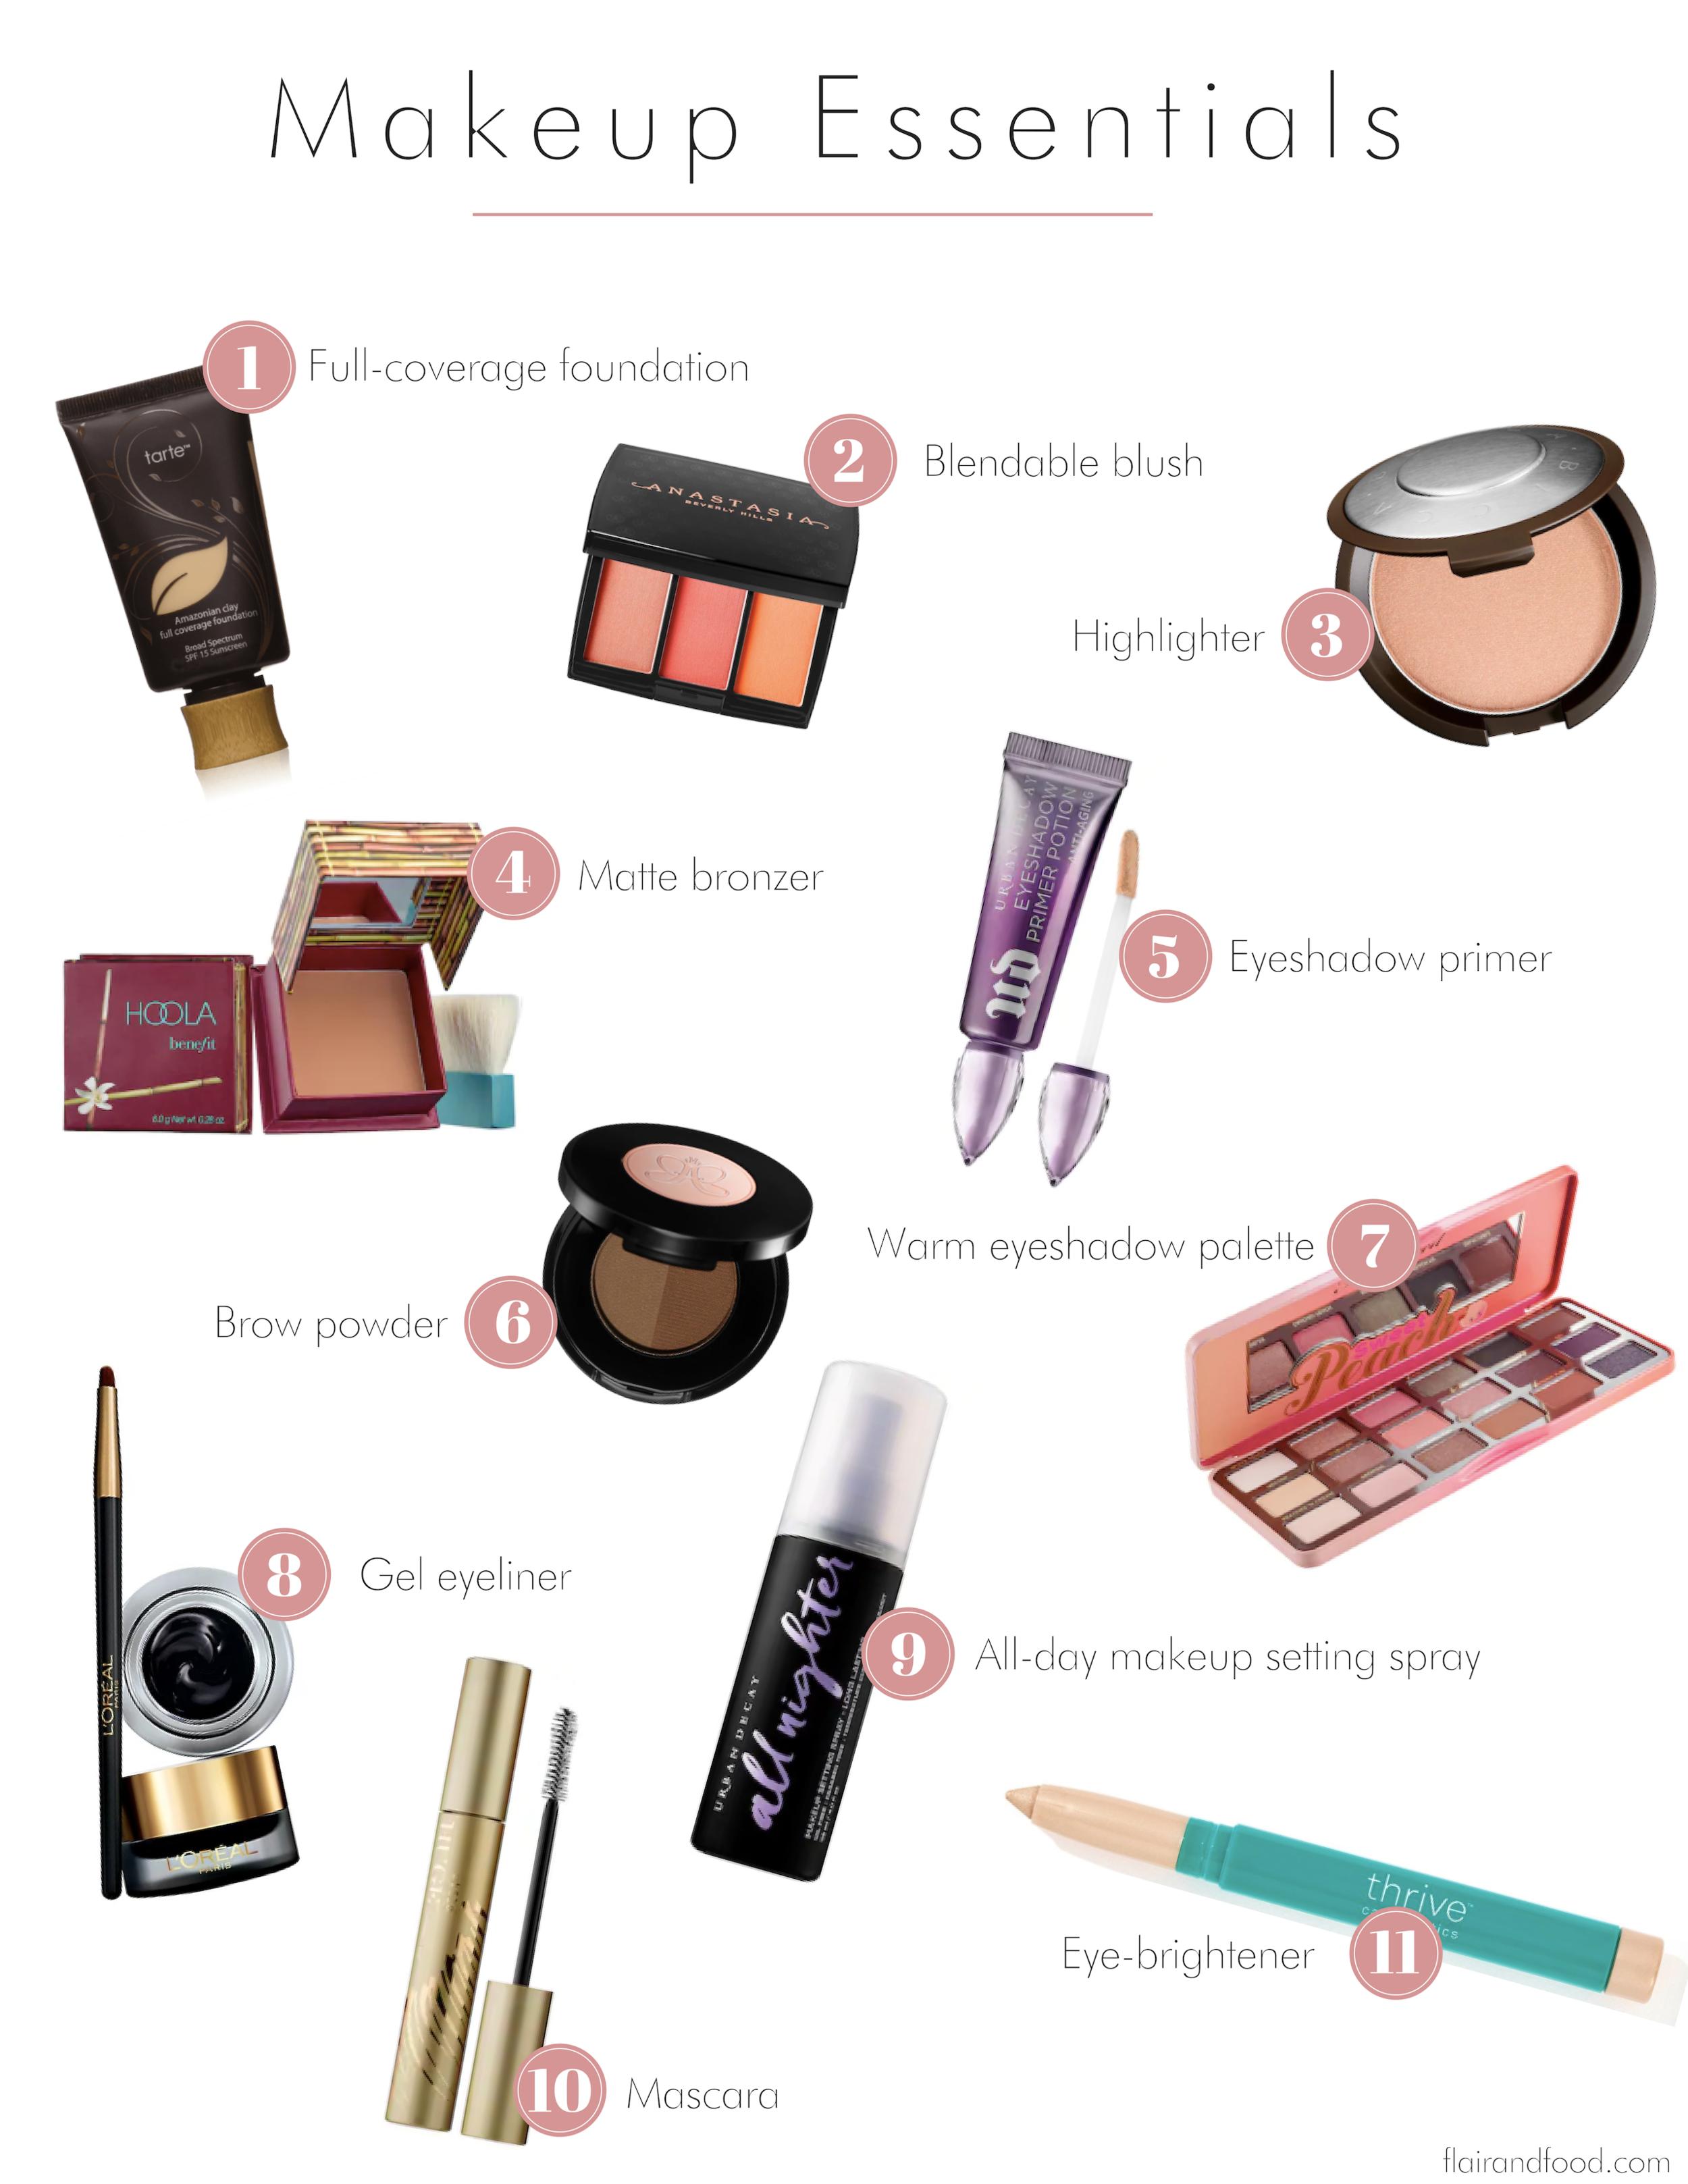 My Everyday Makeup Essentials